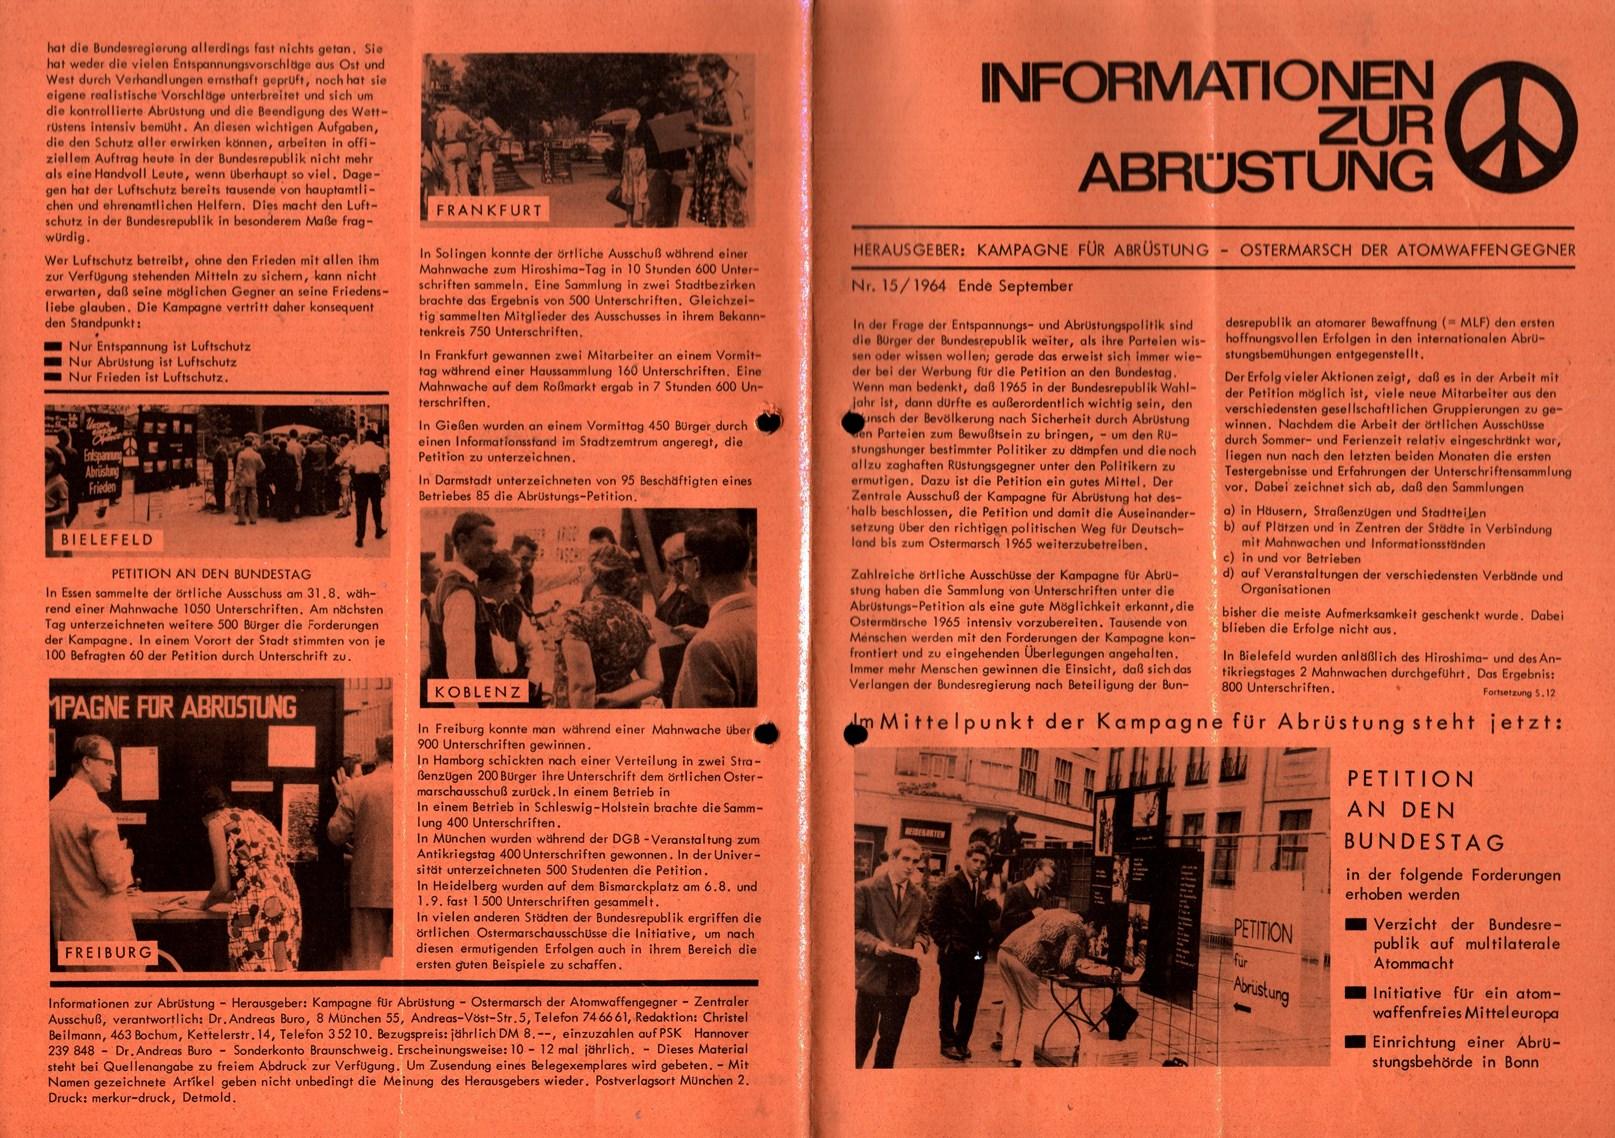 Infos_zur_Abruestung_1964_015_001